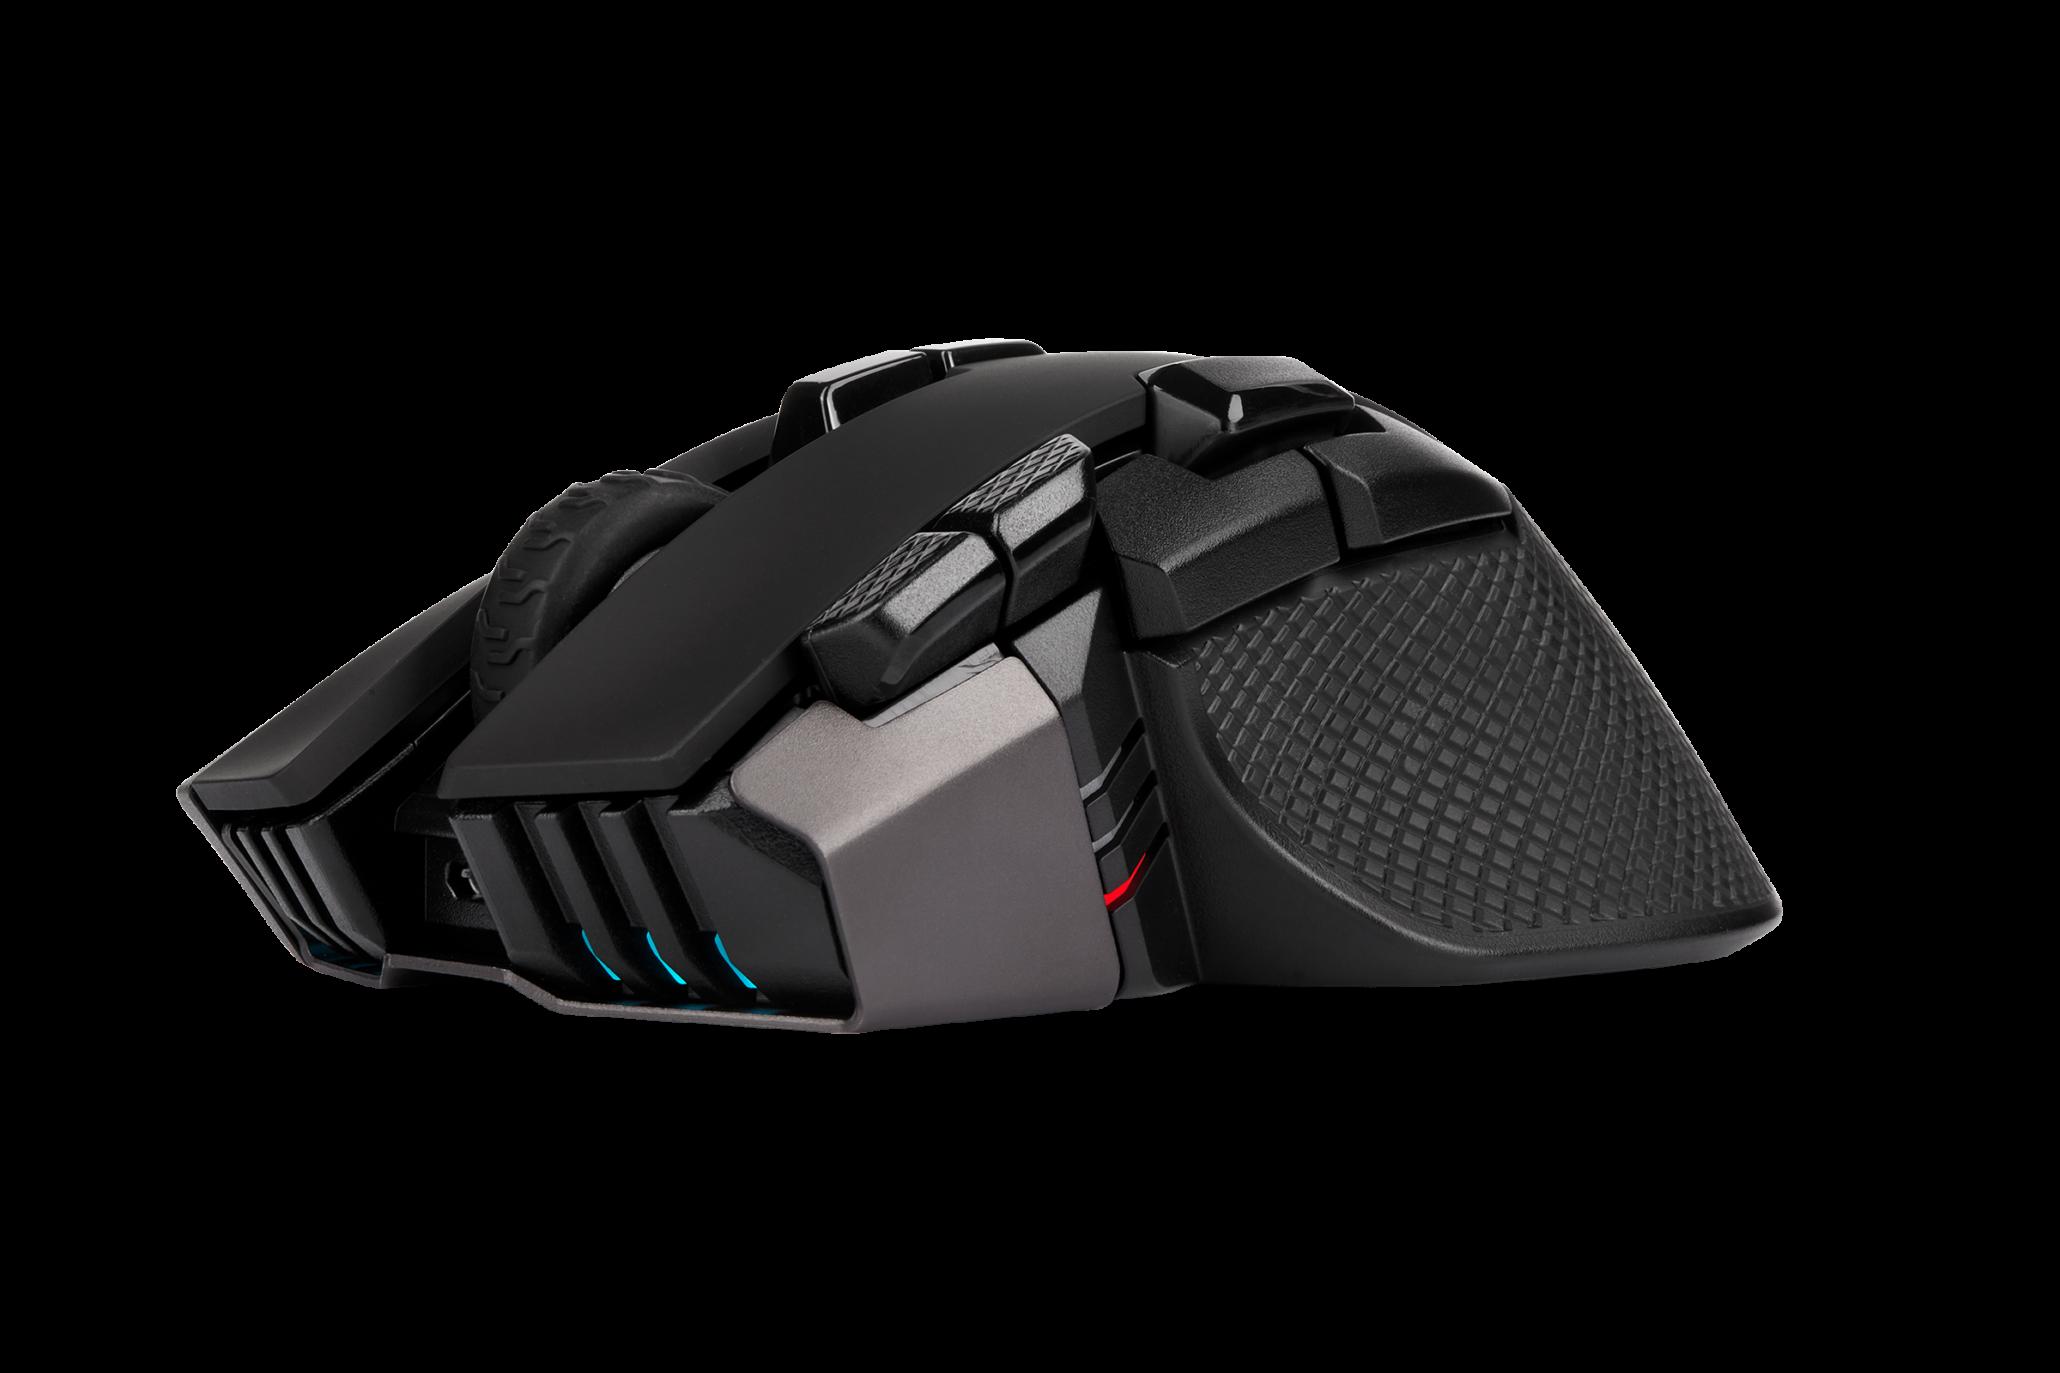 ironclaw_rgb_wireless_03